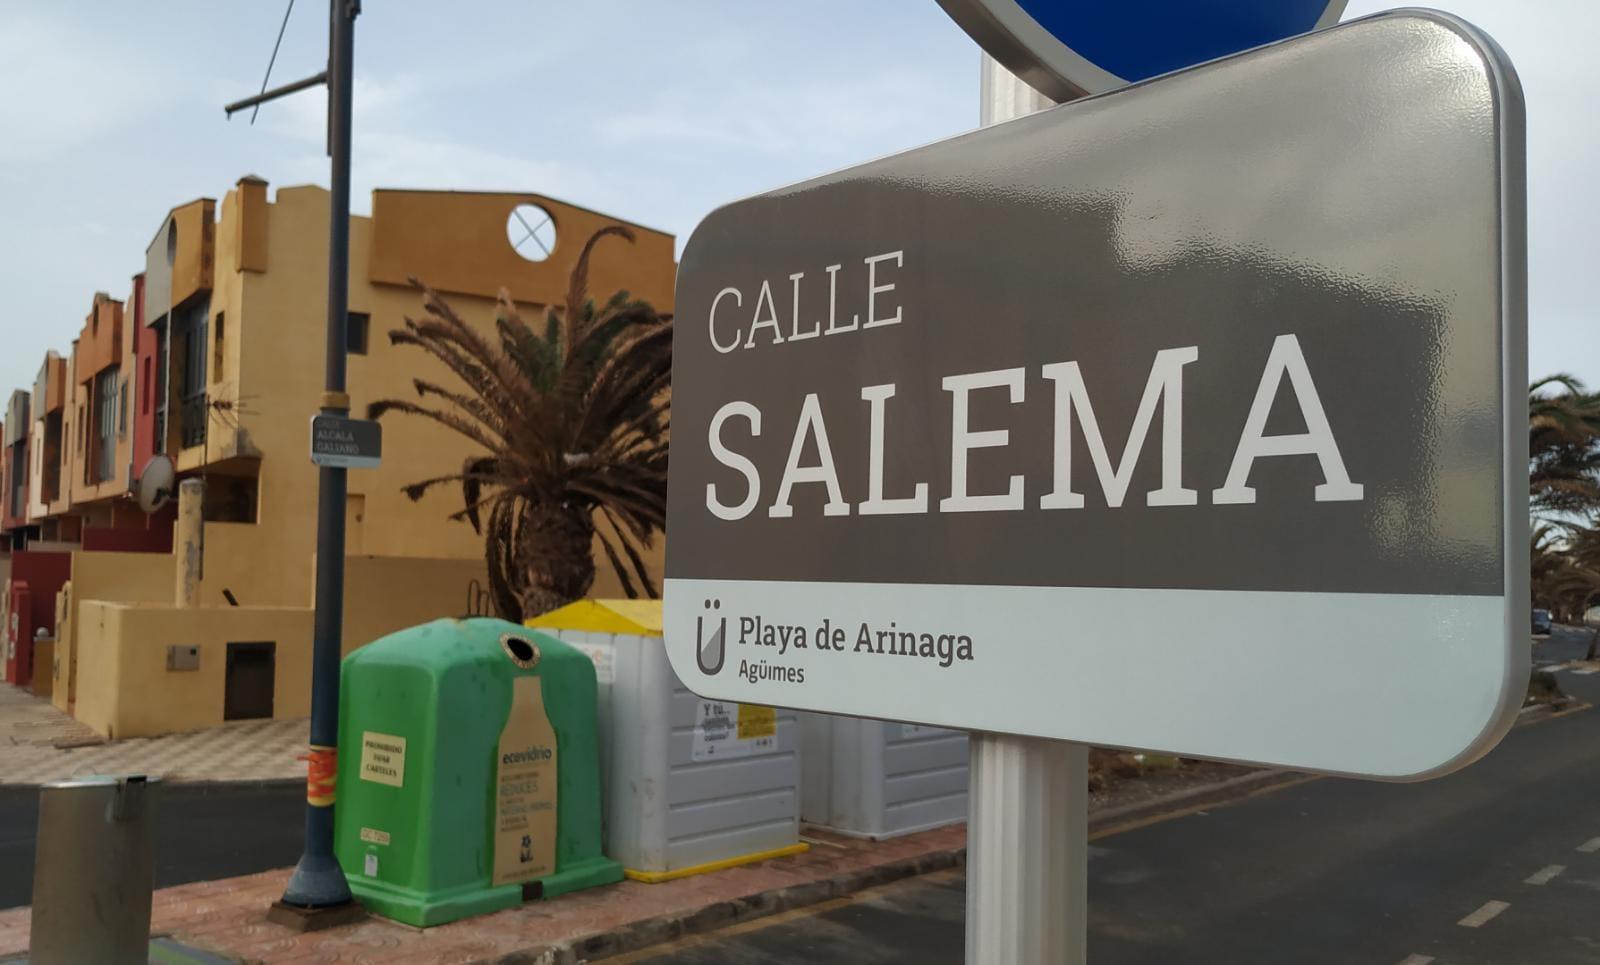 Nuevas placas identificativas de las calles en Agüimes. Gran Canaria